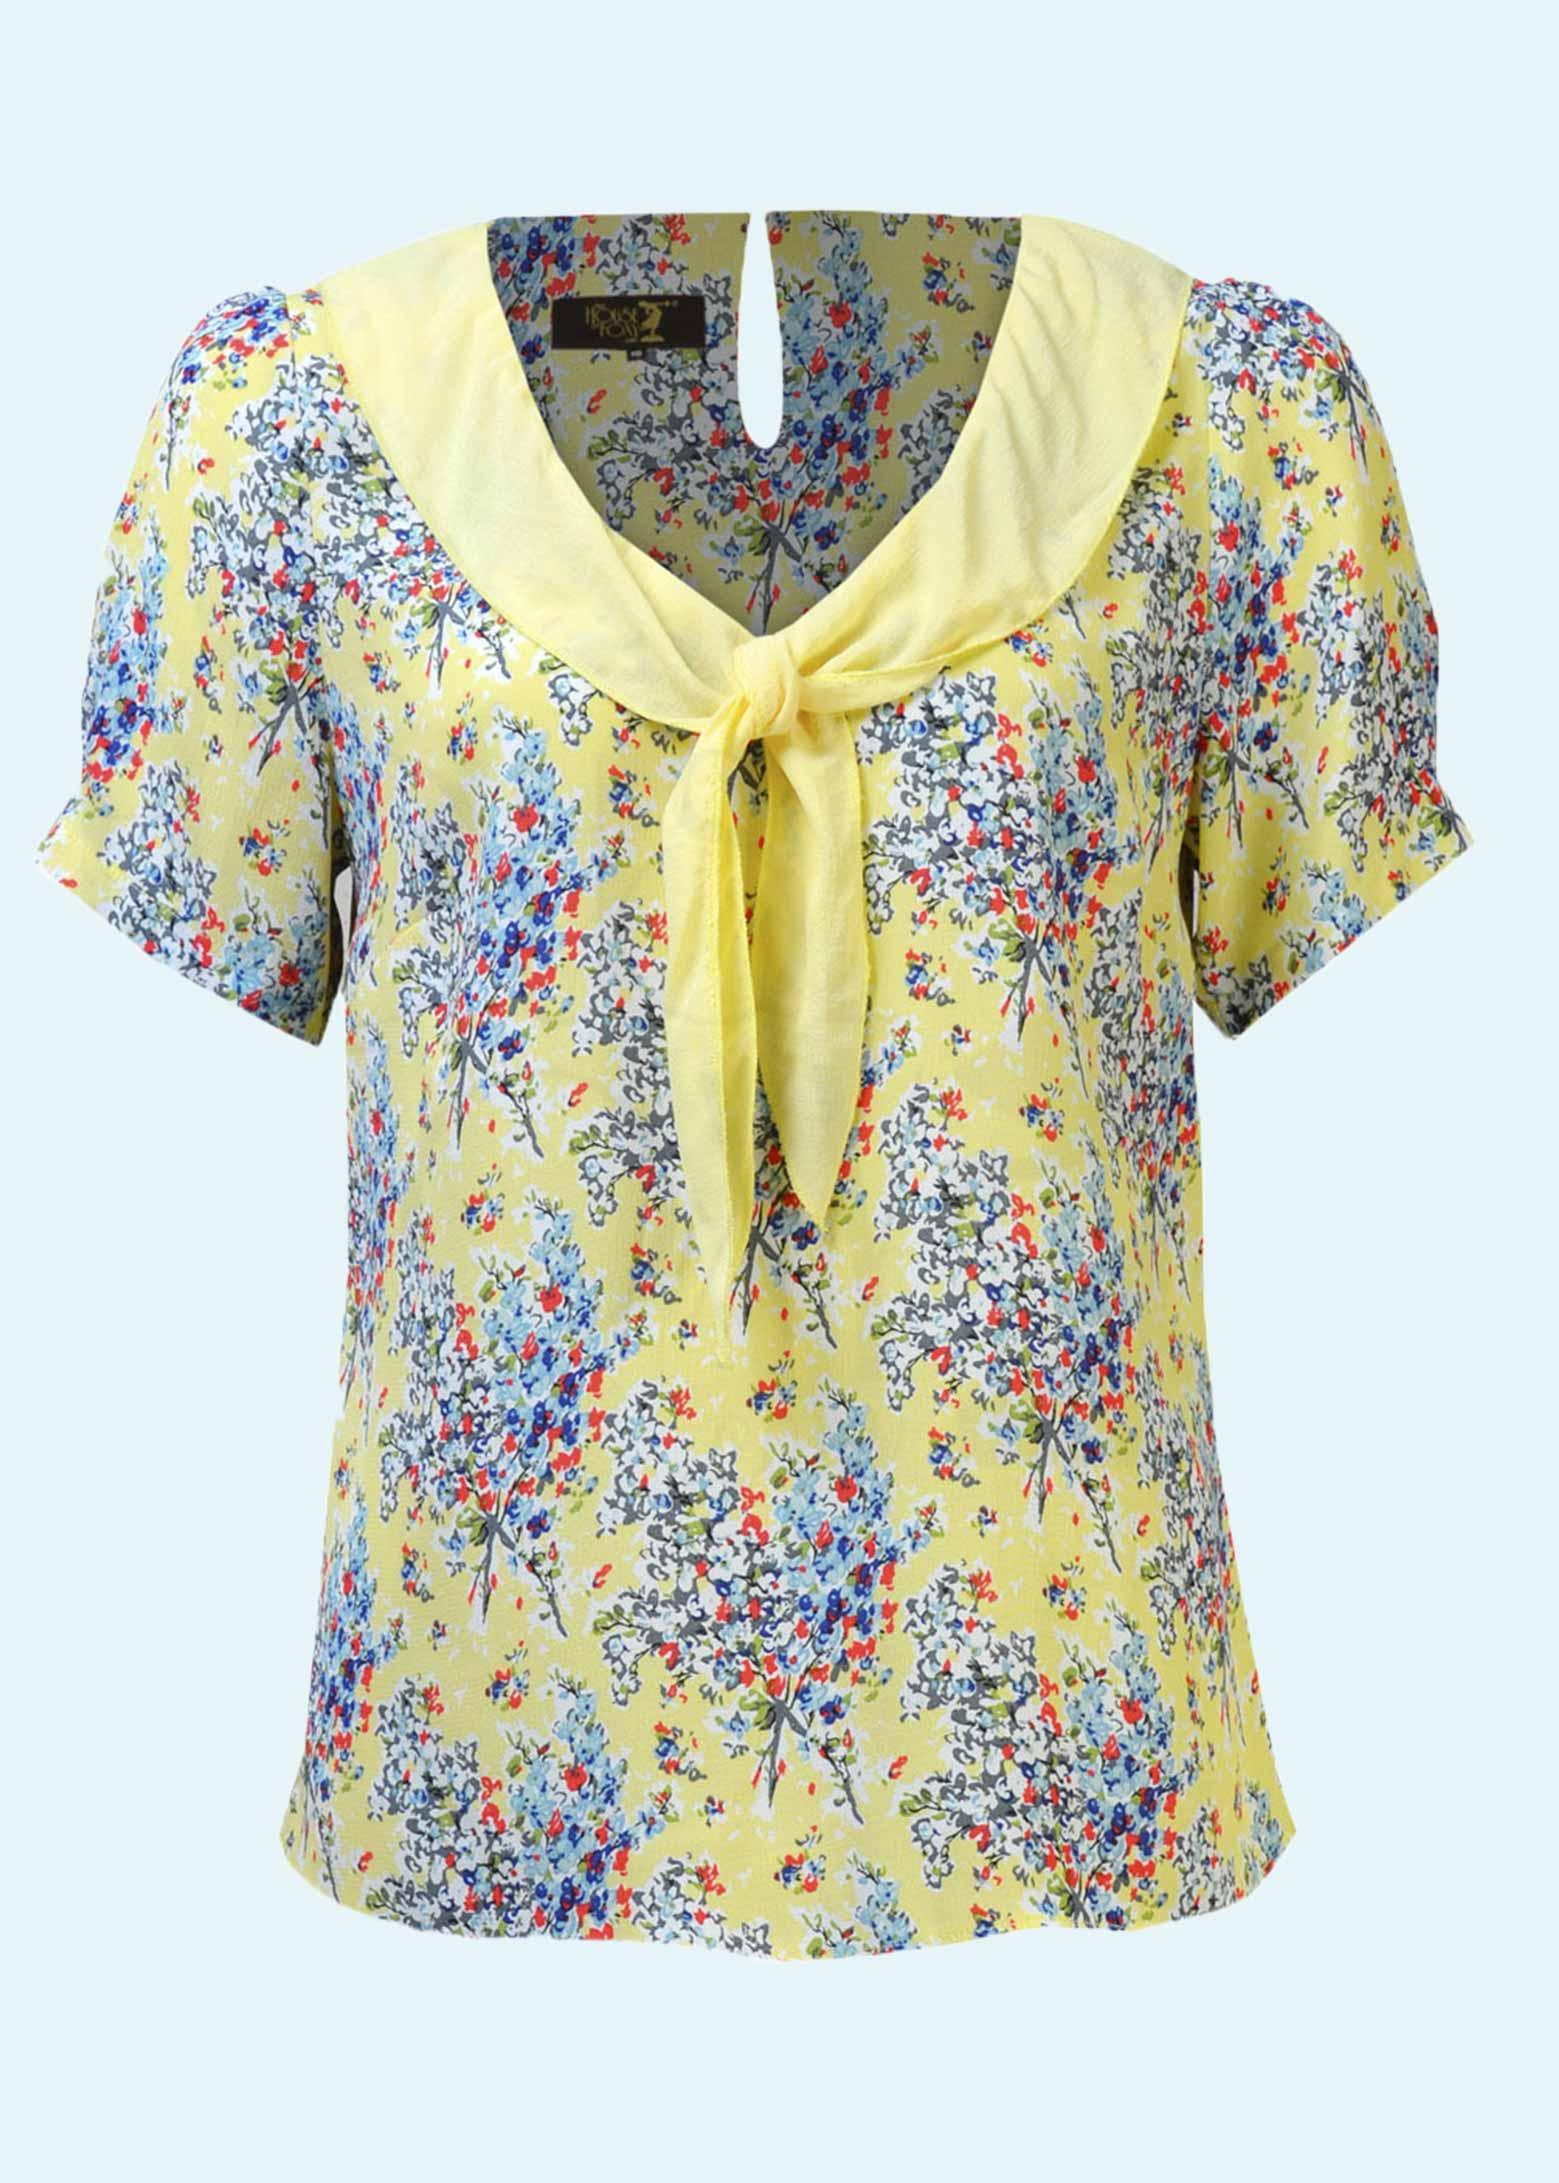 Gul blomstret bluse i vintage stil fra The House Of Foxy